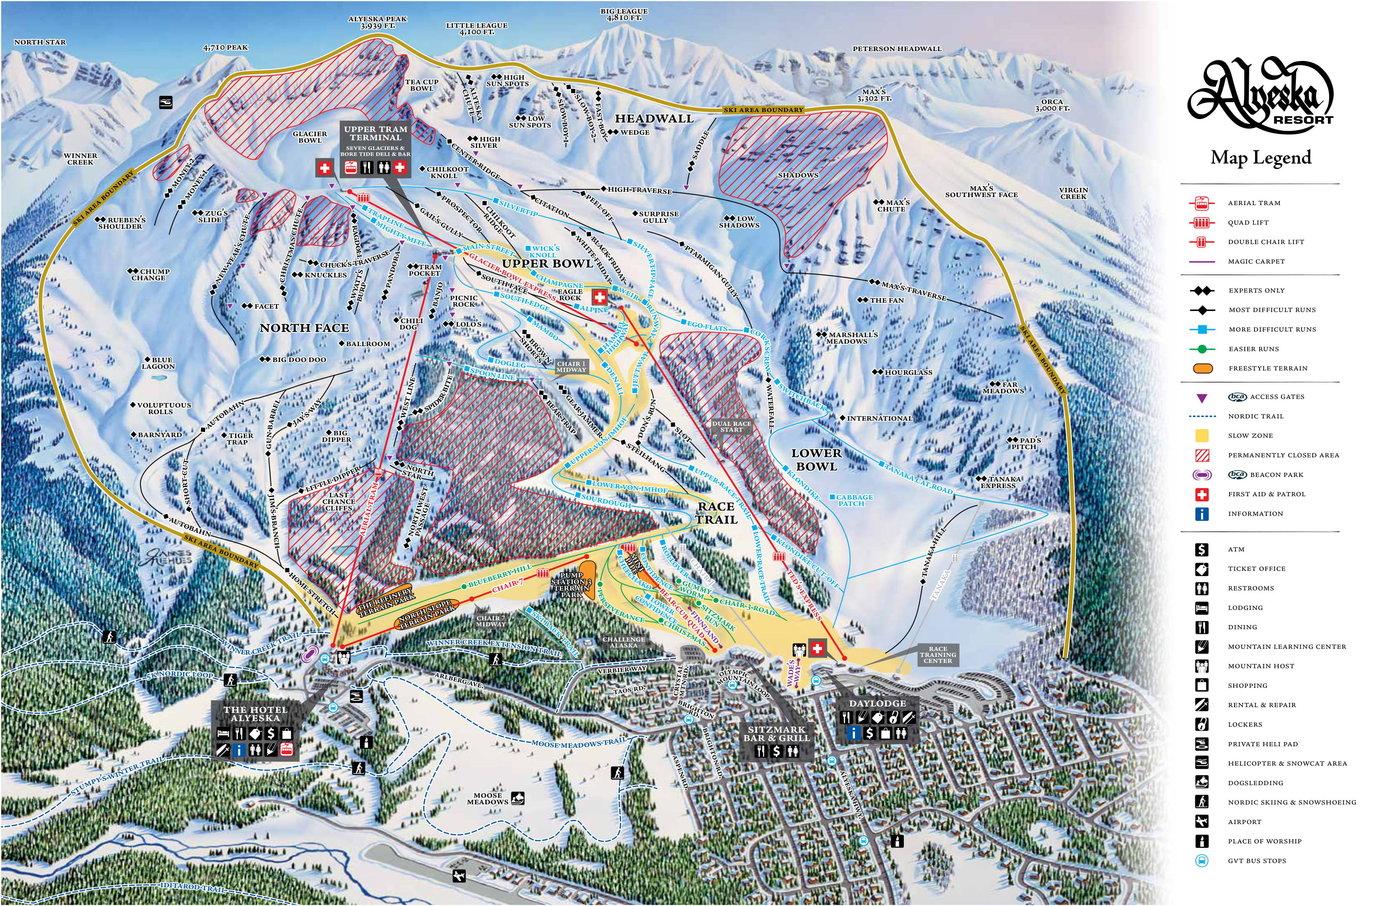 Alyeska Resort Trail Map